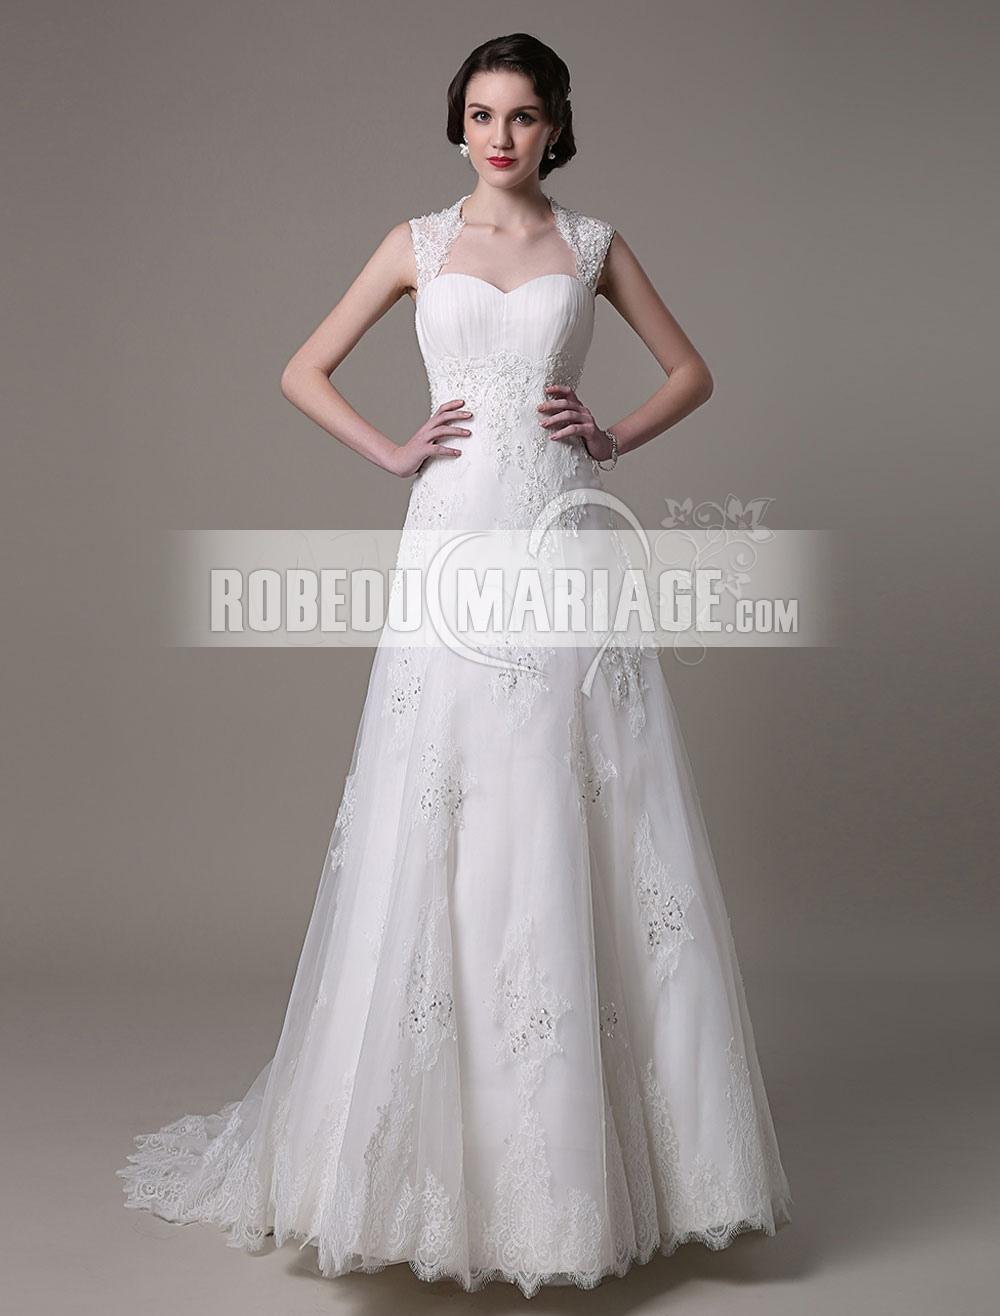 bdeb7d9dd6a A-ligne robe de mariée col carré en tulle saitn applique paillette